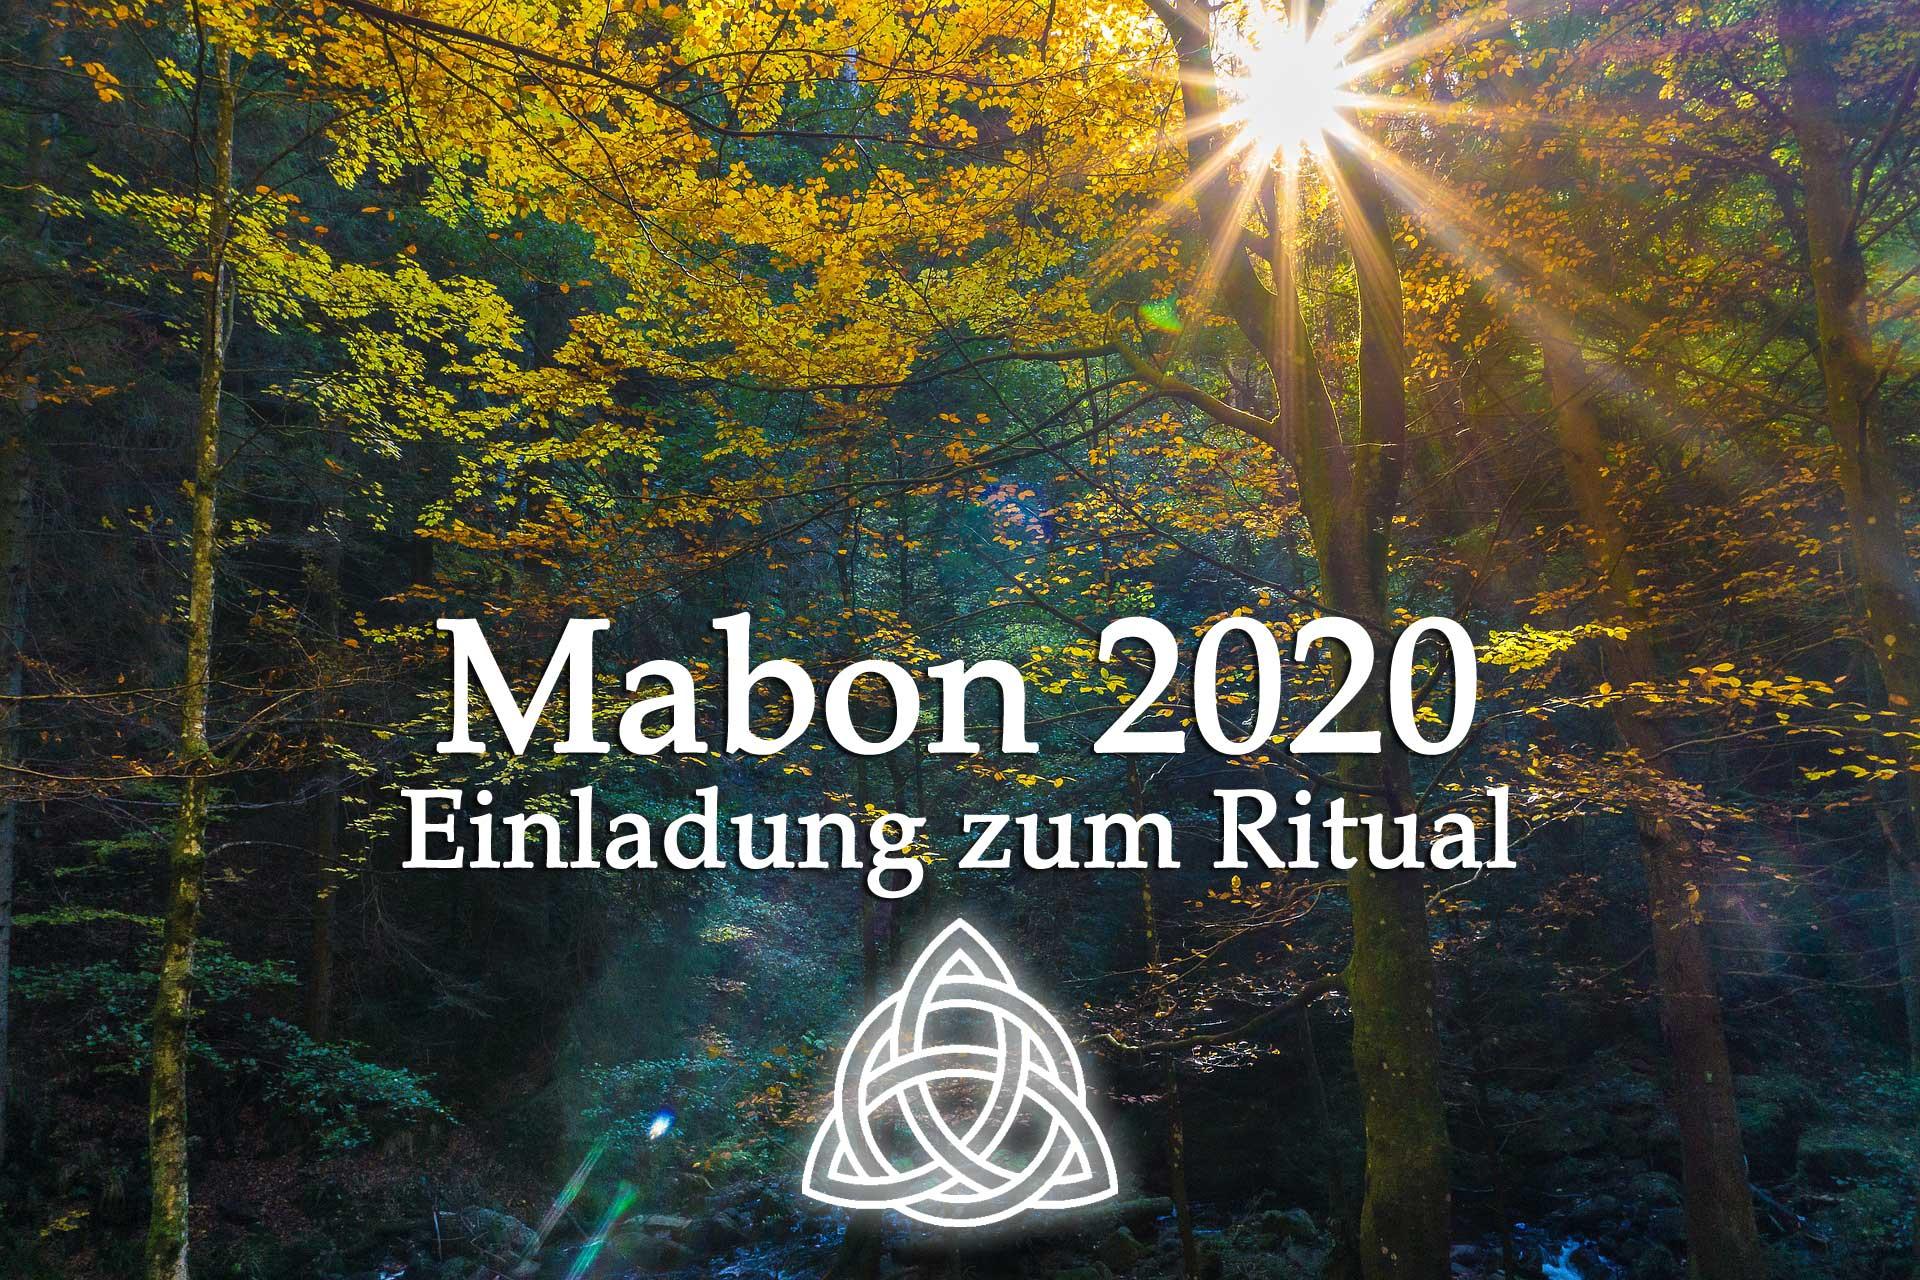 Mabon Ritual 2020